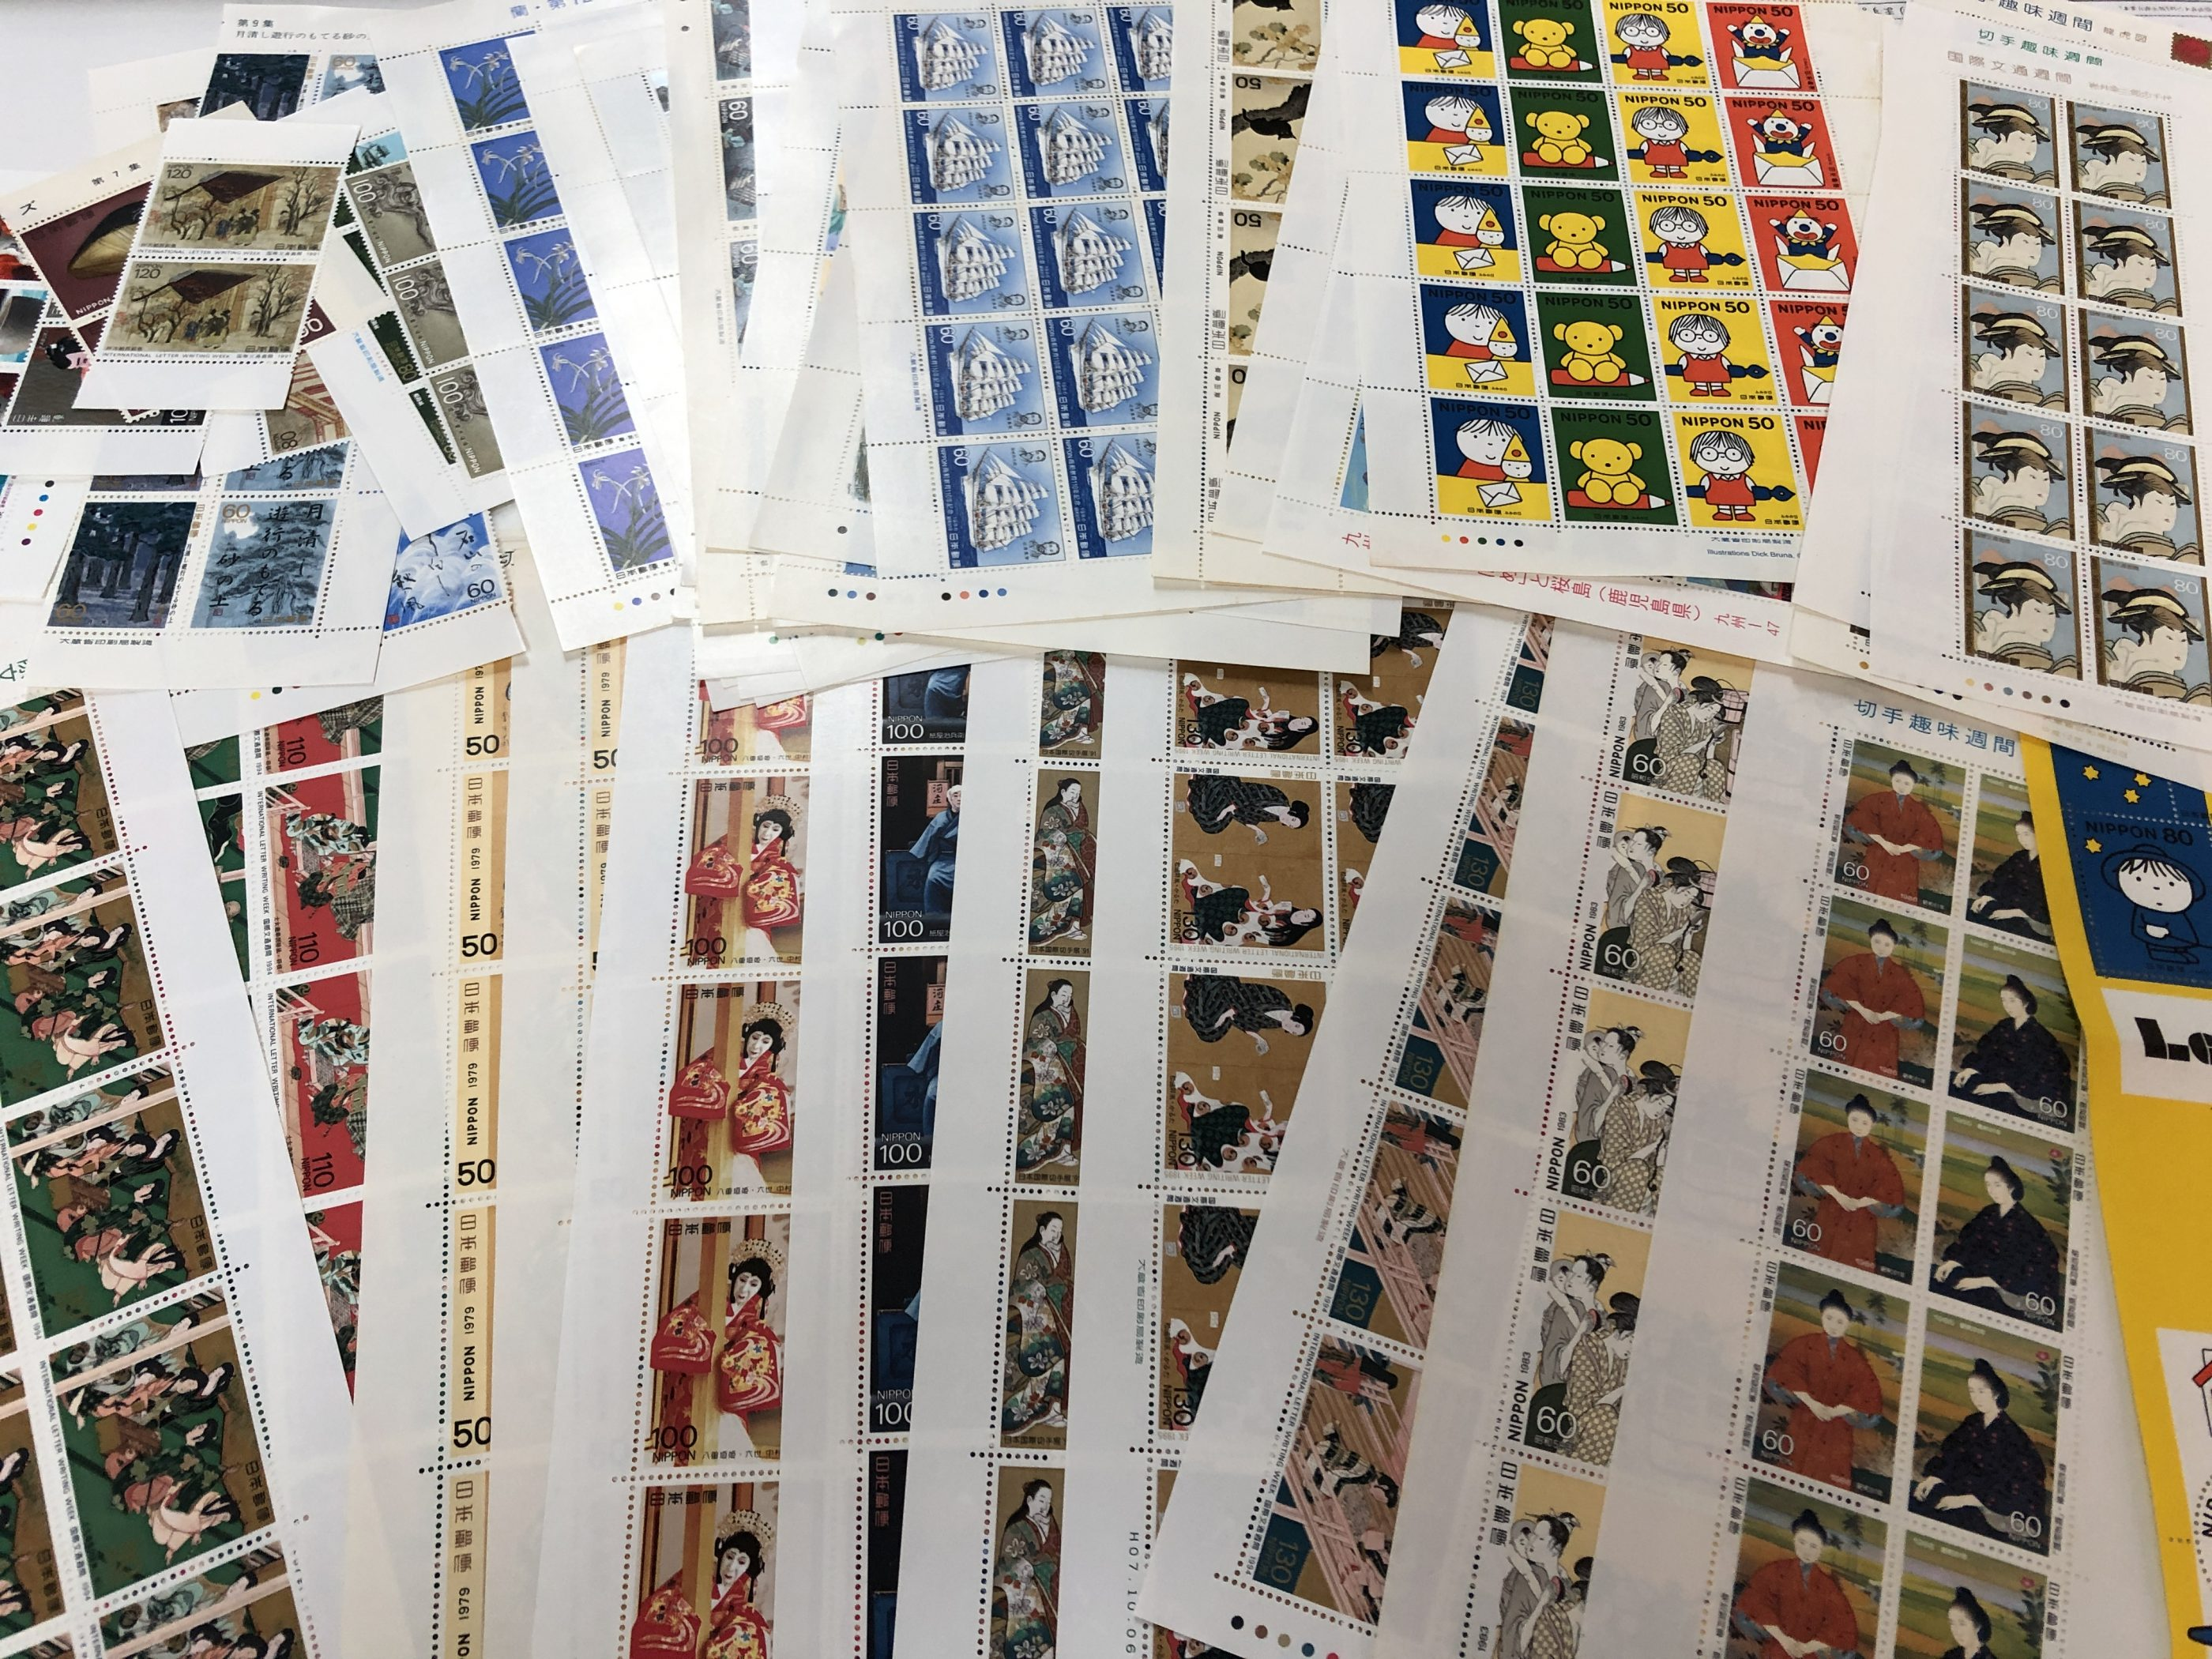 切手 記念切手 シート バラ 買取 高額買取